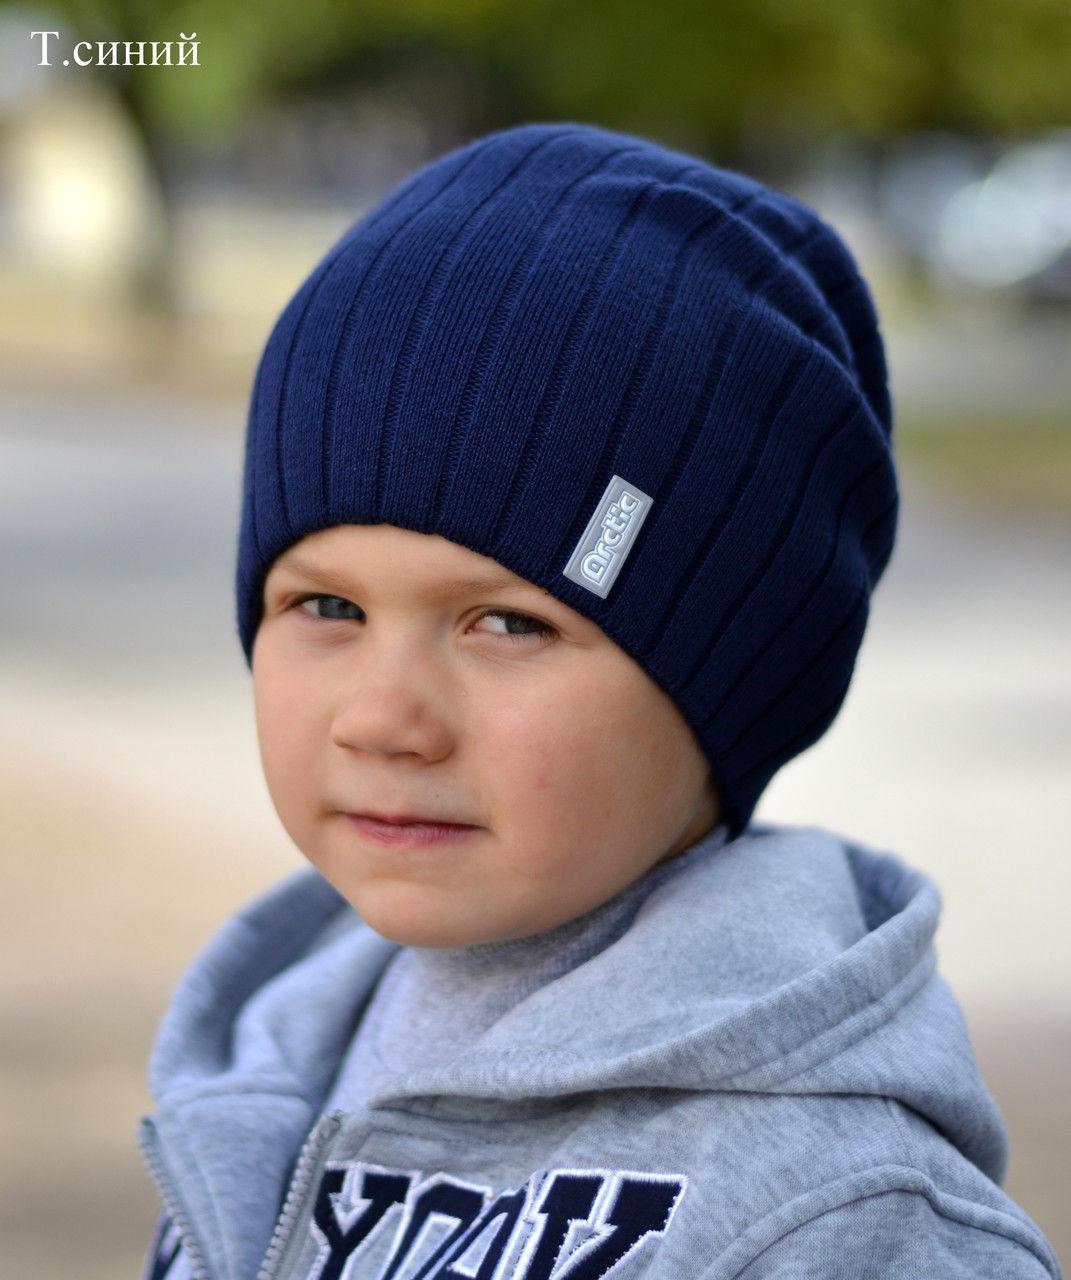 Шапка для мальчика осенне зимняя, Цвет Синий